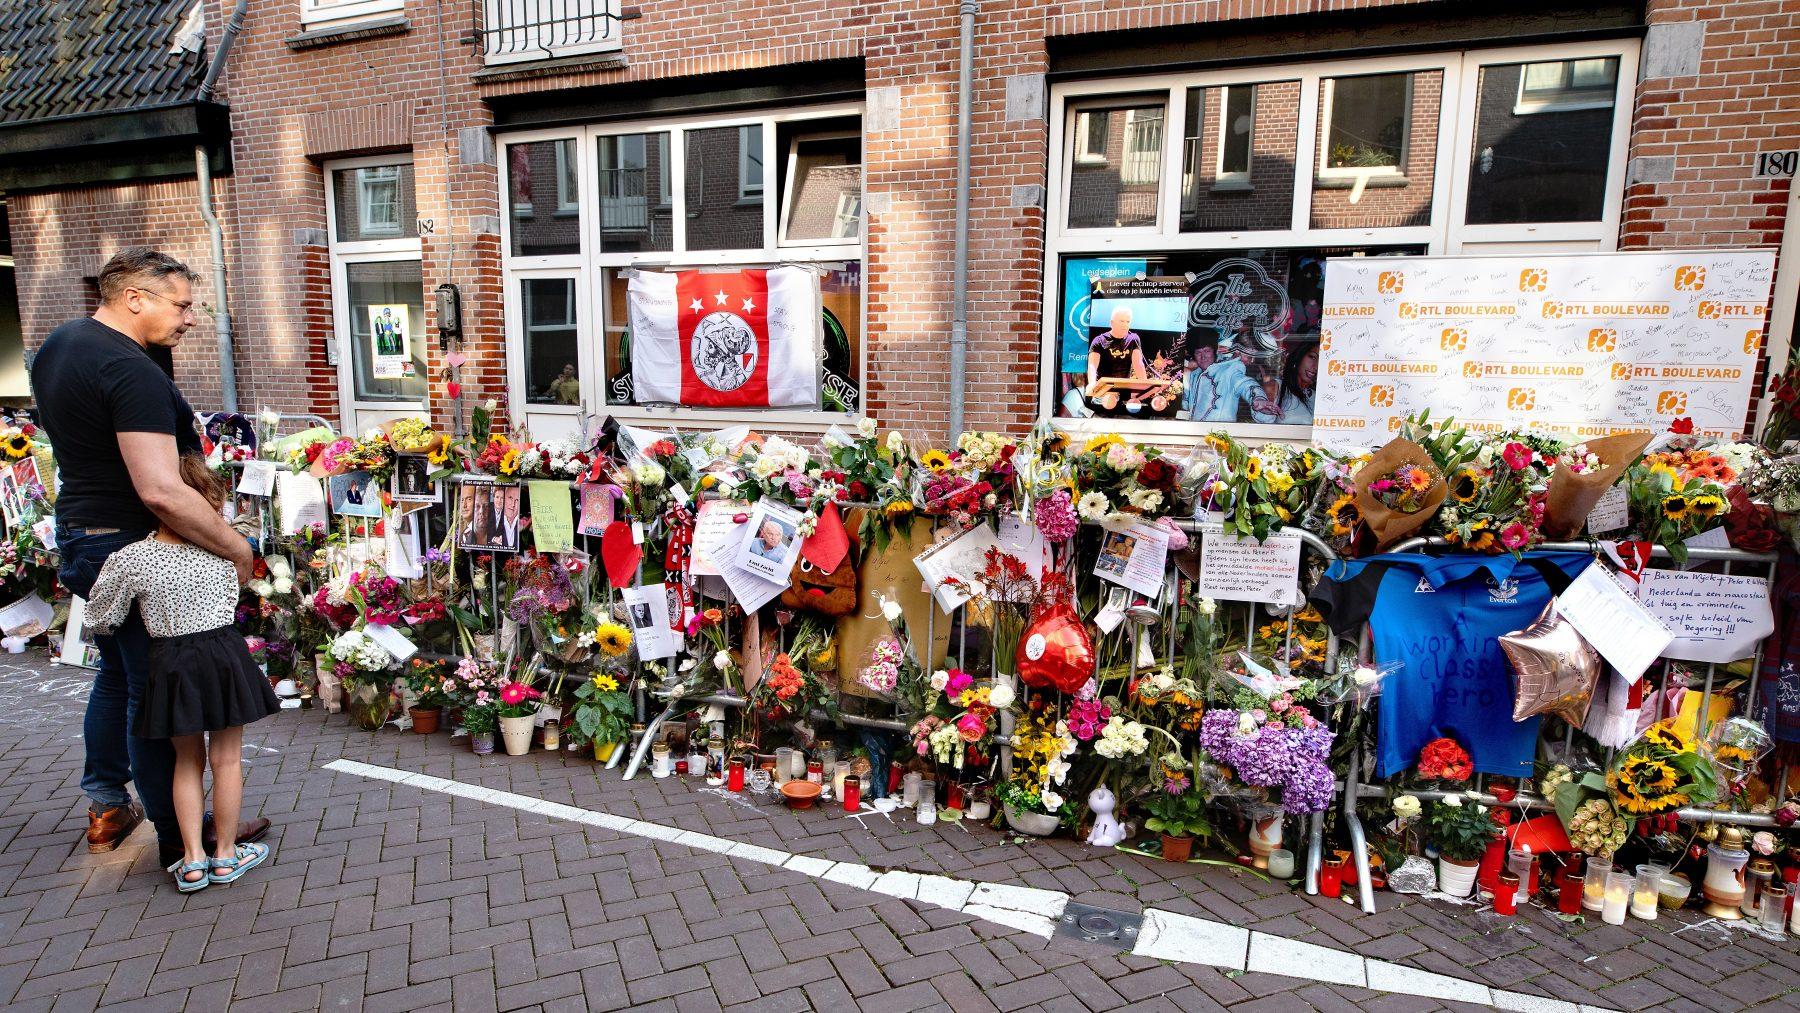 Peter R. de Vriesstraat